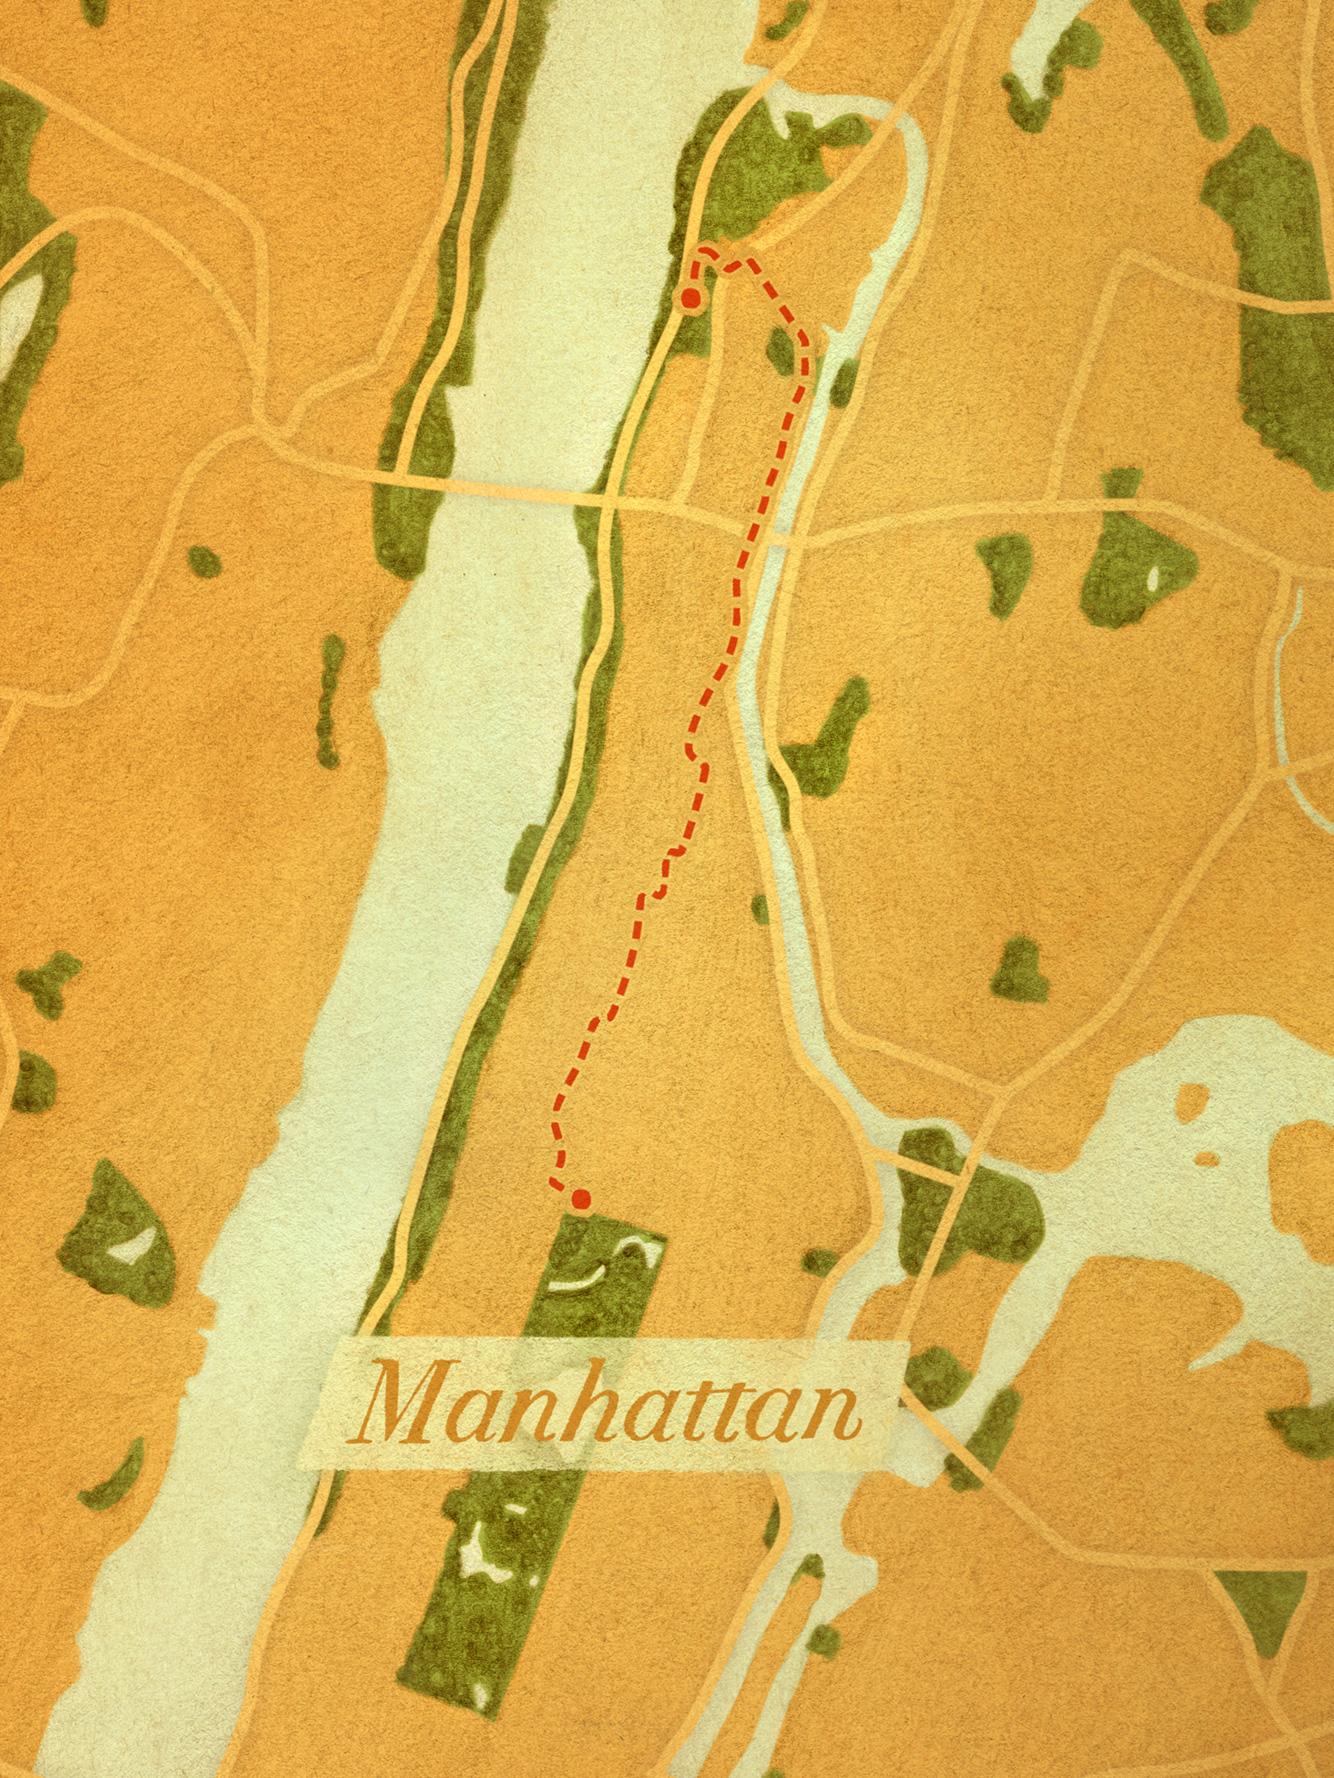 The Giraffe Path (Manhattan)